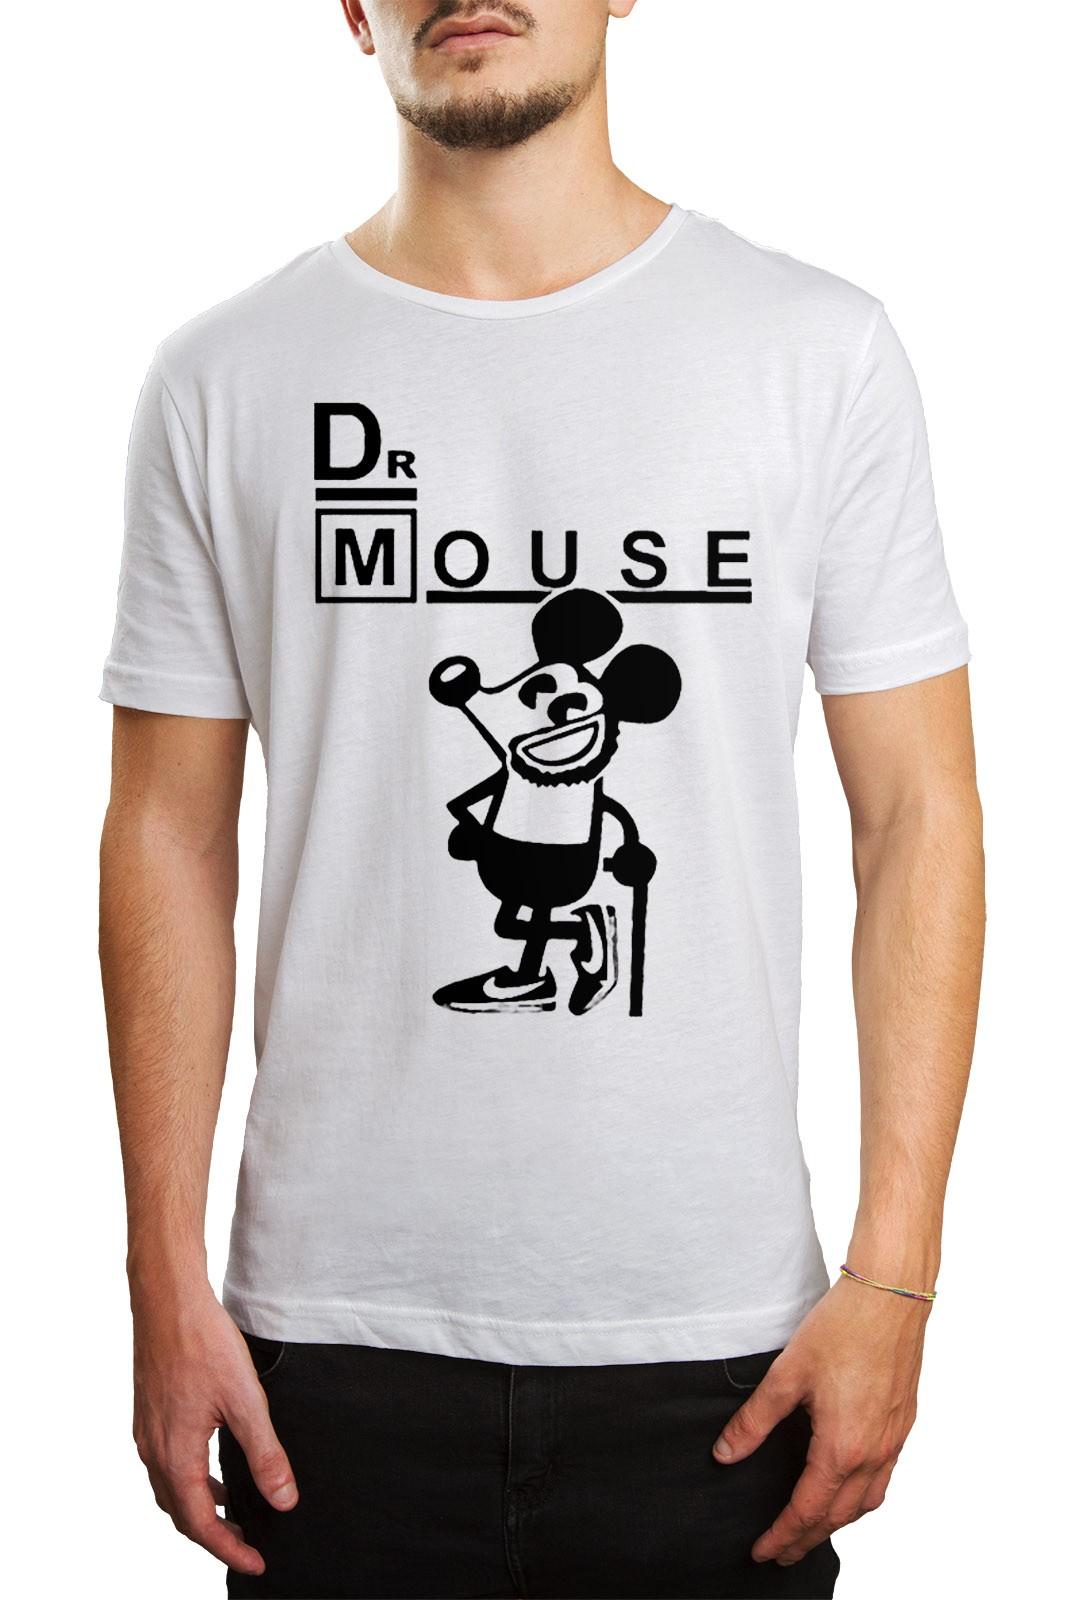 Camiseta Dr Mouse  - HShop